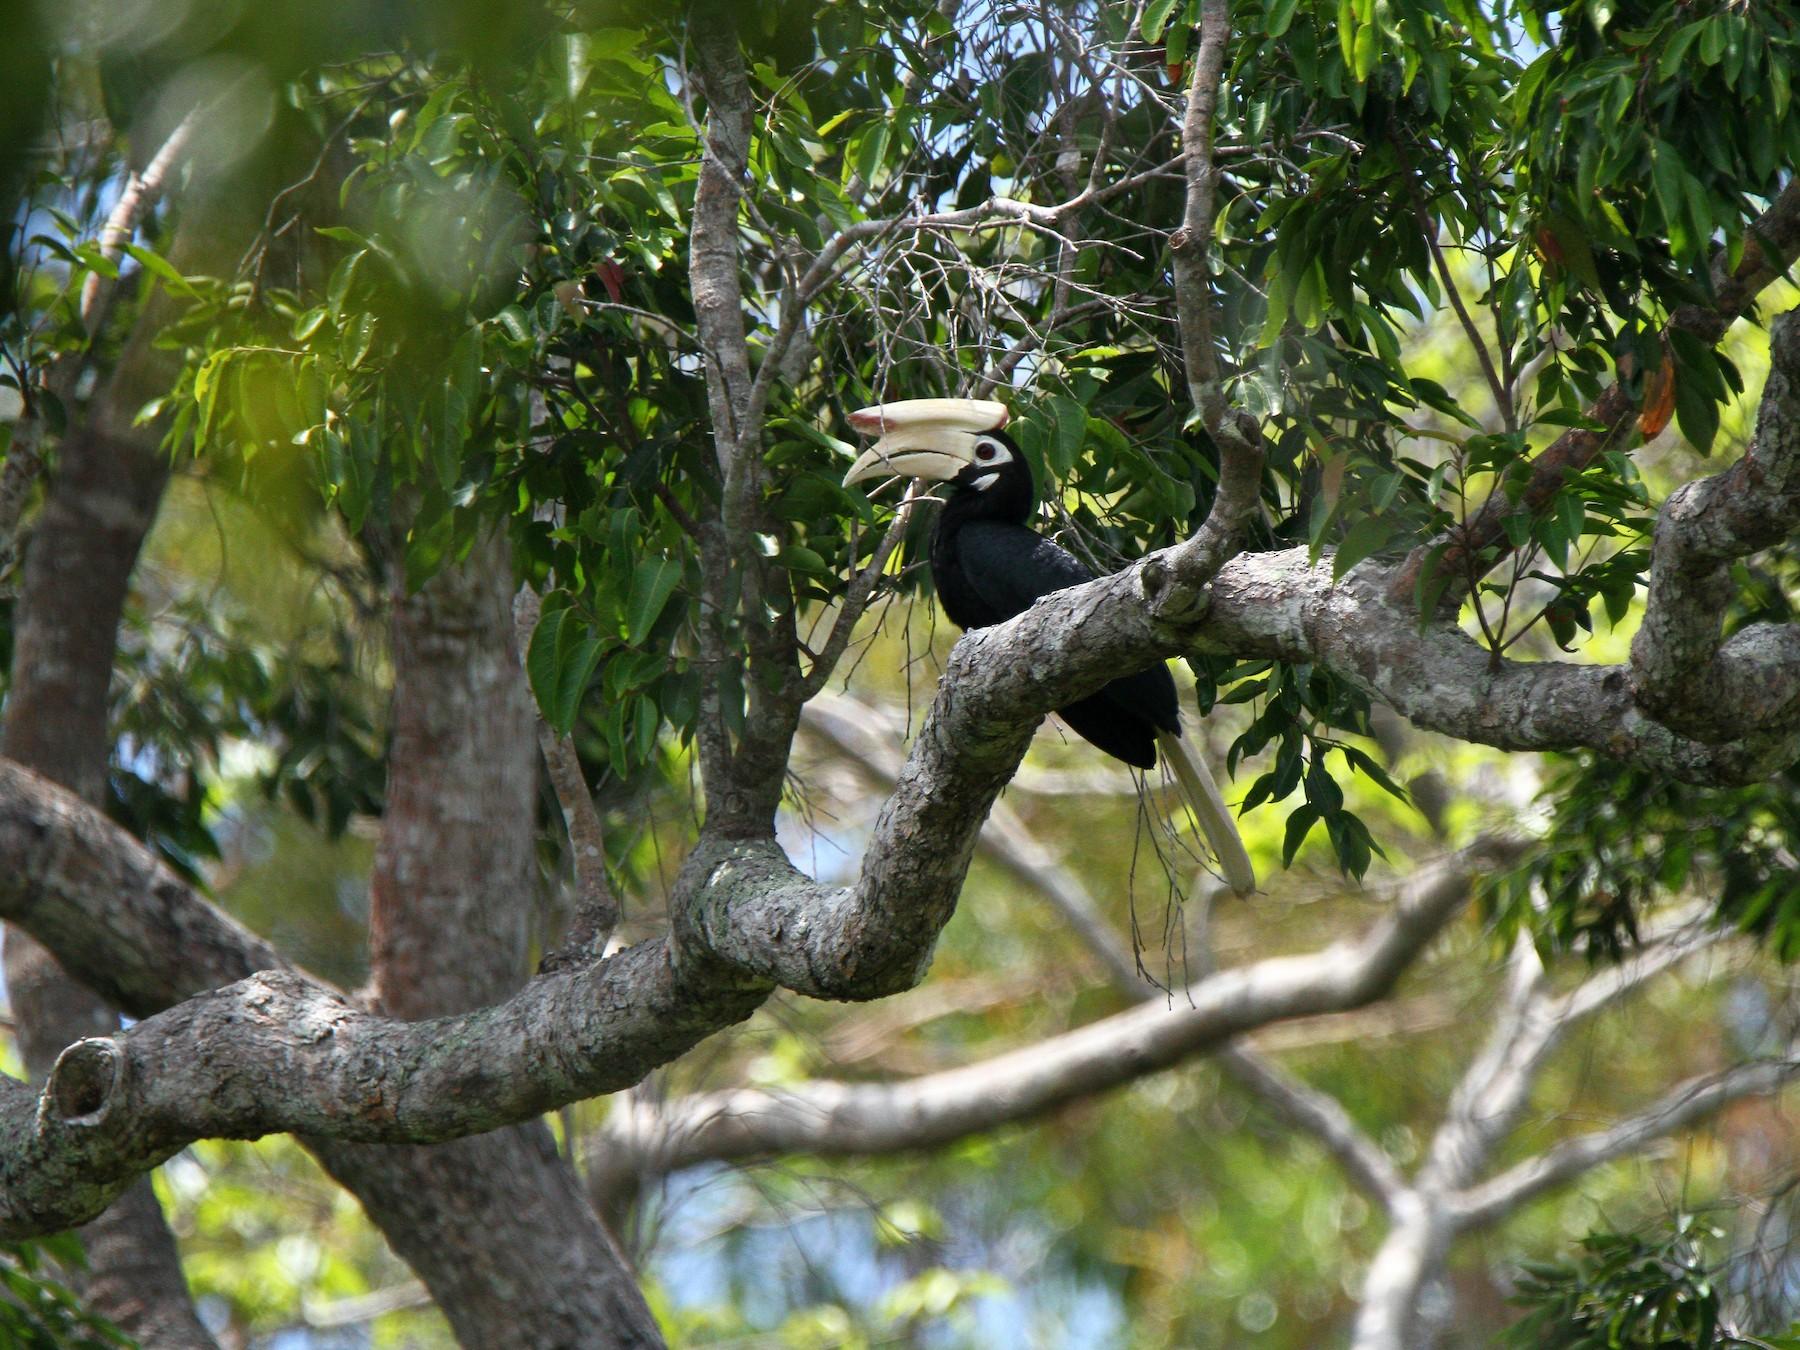 Palawan Hornbill - Kuang-Ping Yu